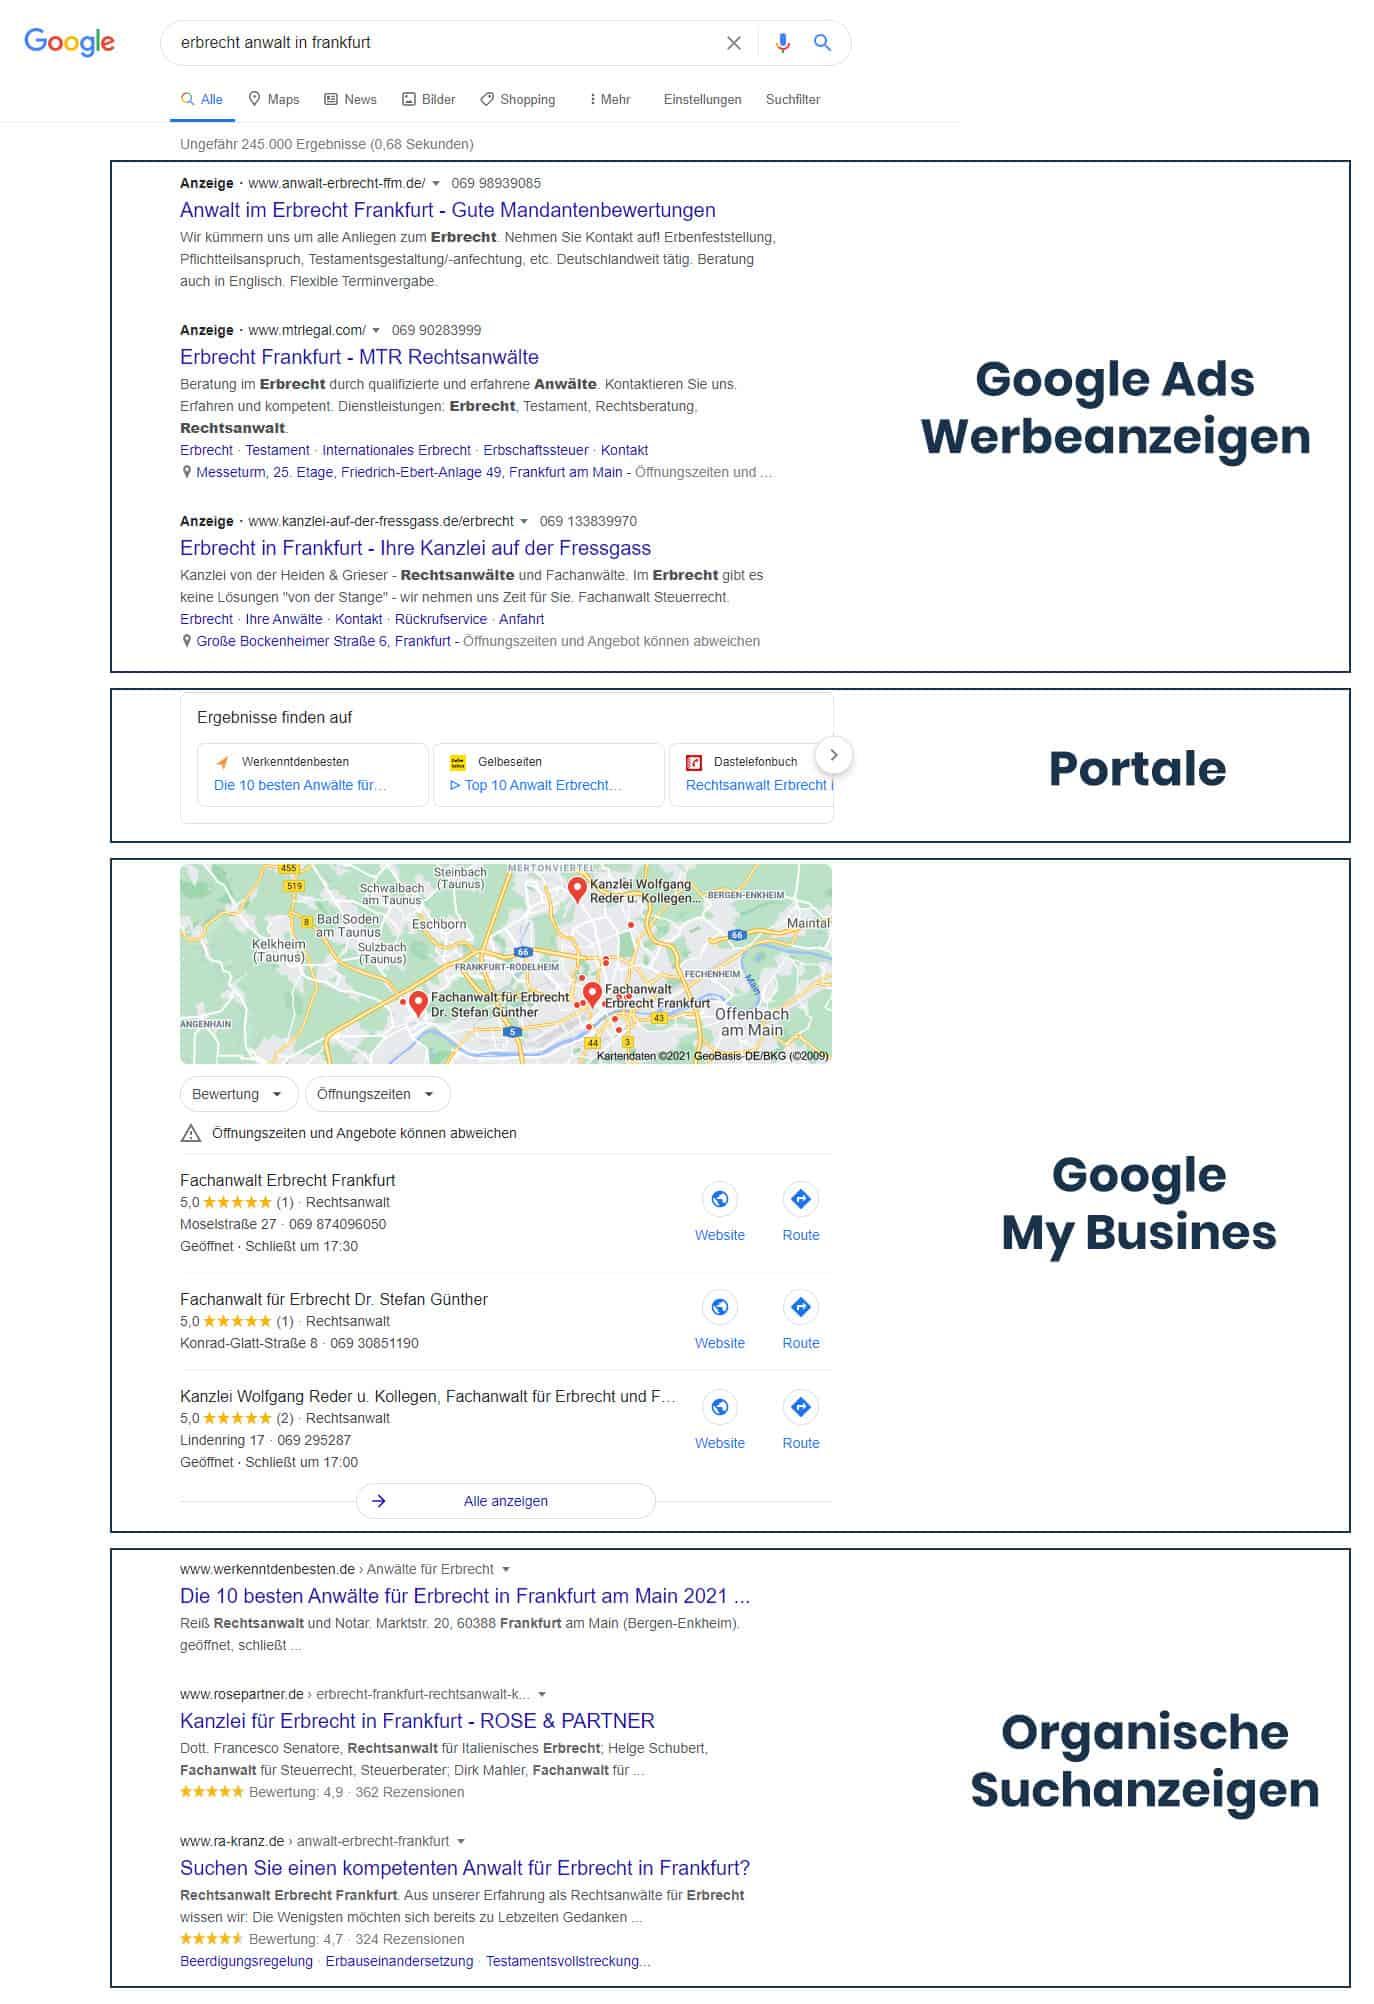 Anzeigen bei Google - Erklärung